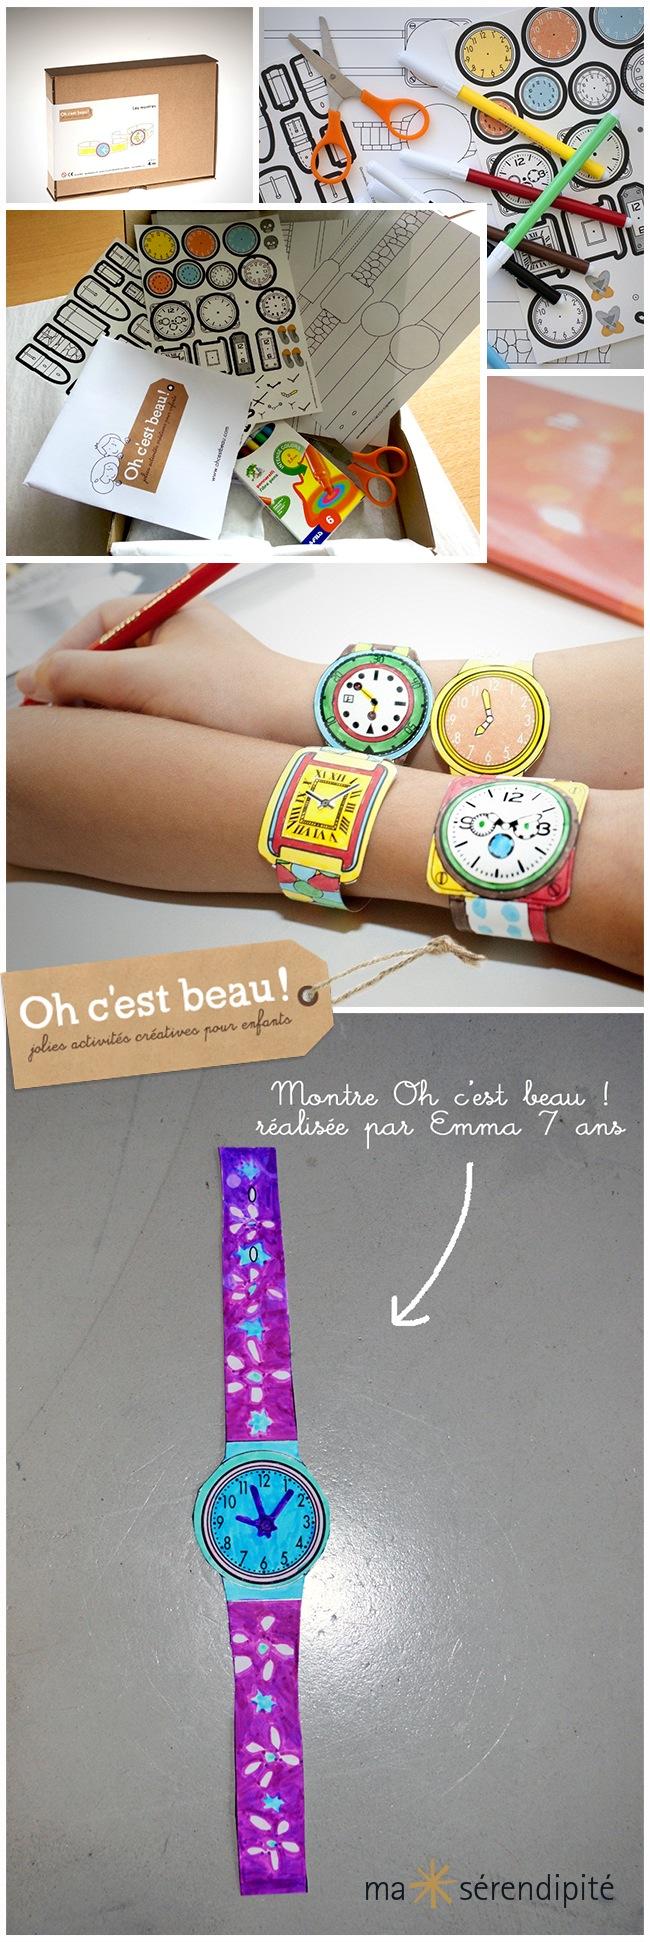 Oh-cest-beau_Les-Montres